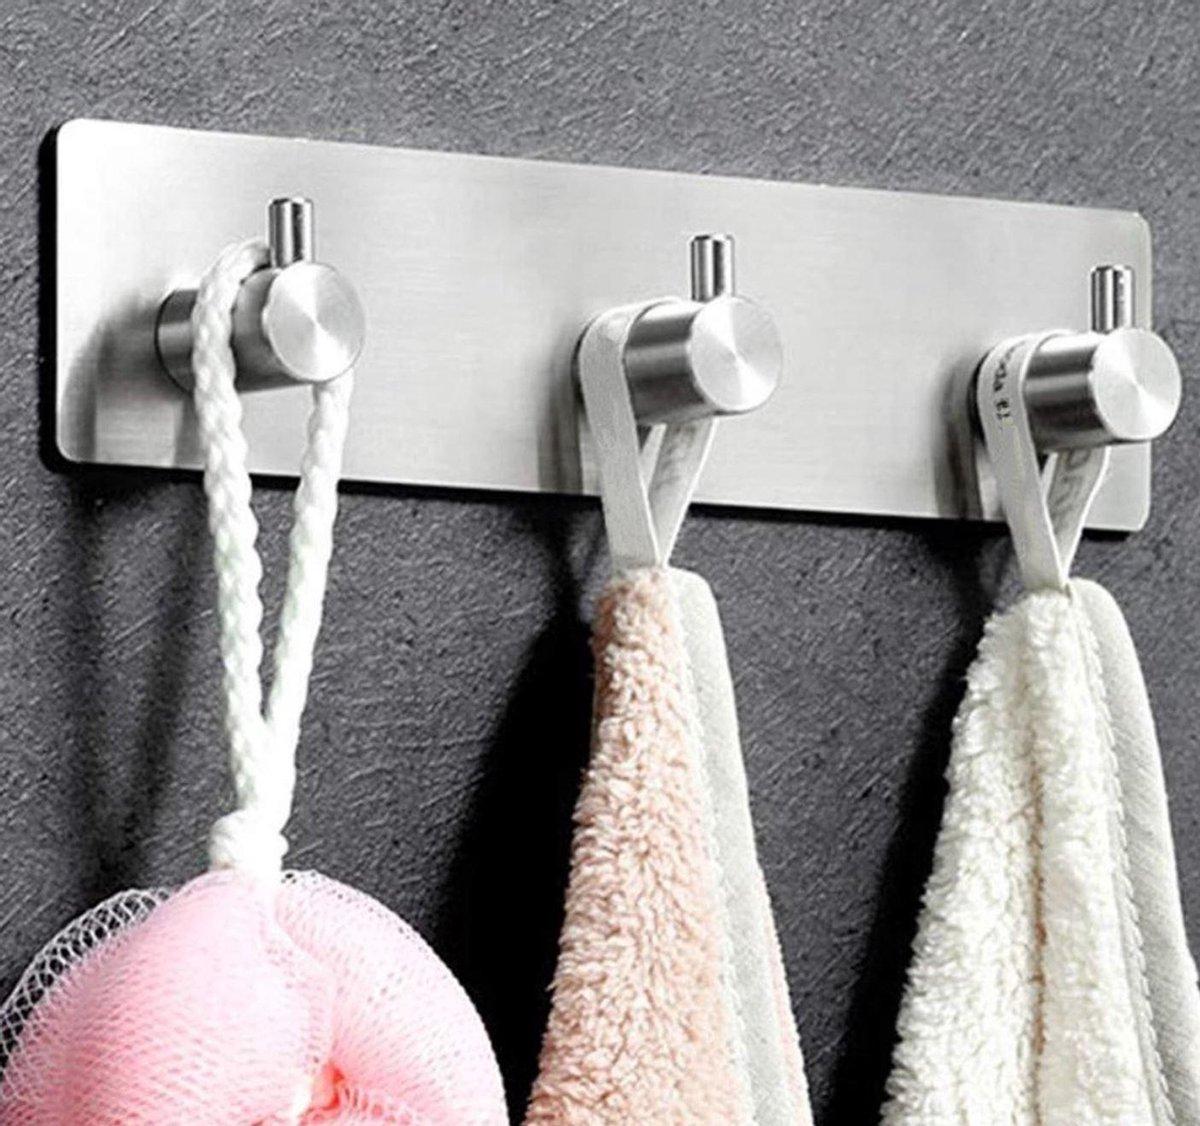 Handdoekhaakjes | RVS | Zelfklevende haakjes | Zilver | Ophanghaken | Wandhaak | Vaatdoekhouder | Handdoekhouder